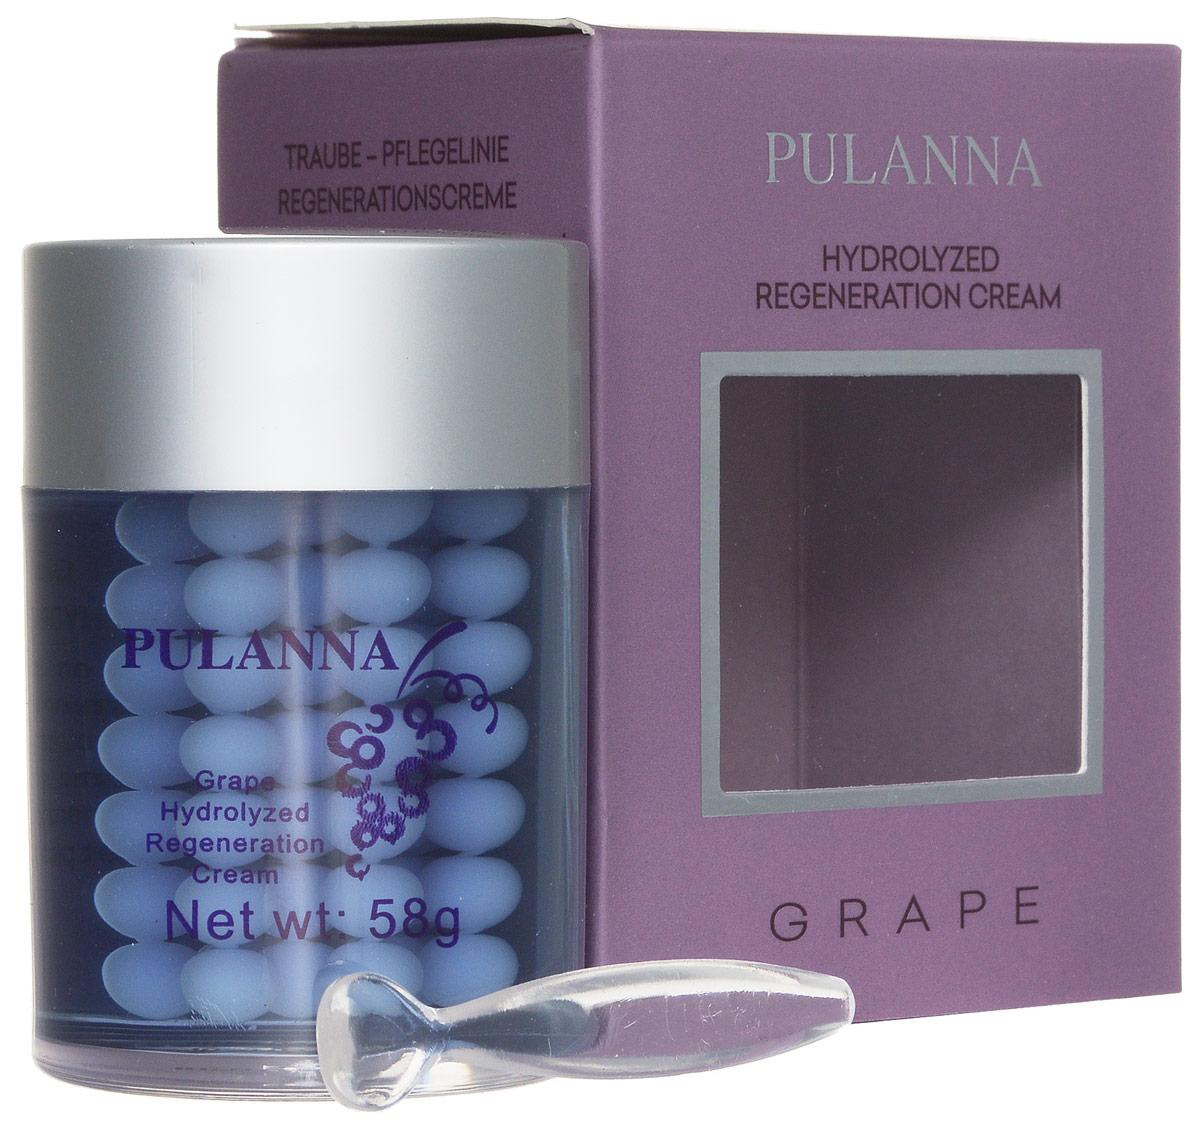 Pulanna Увлажняющий антистрессовый крем на основе винограда - Hydrolyzed Regeneration Cream 58 г8809009767066Крем нормализует микроциркуляцию, укрепляет сосуды. Борется со свободнорадикальными процессами, увлажняет и тонизирует кожу. Обладает противоаллергическим действием. Питает, предохраняет от преждевременного старения. Экстракт черного винограда, входящий в состав крема, является прекрасным антиоксидантом, активно увлажненяет и тонизирует. Крем повышает кожный иммунитет, насыщает ее влагой на длительный период. Кожа глубоко увлажнена, повышается ее эластичность. Улучшается цвет лица. Рекомендован для нормального, комбинорованного и сухого типов кожи с 18 лет.